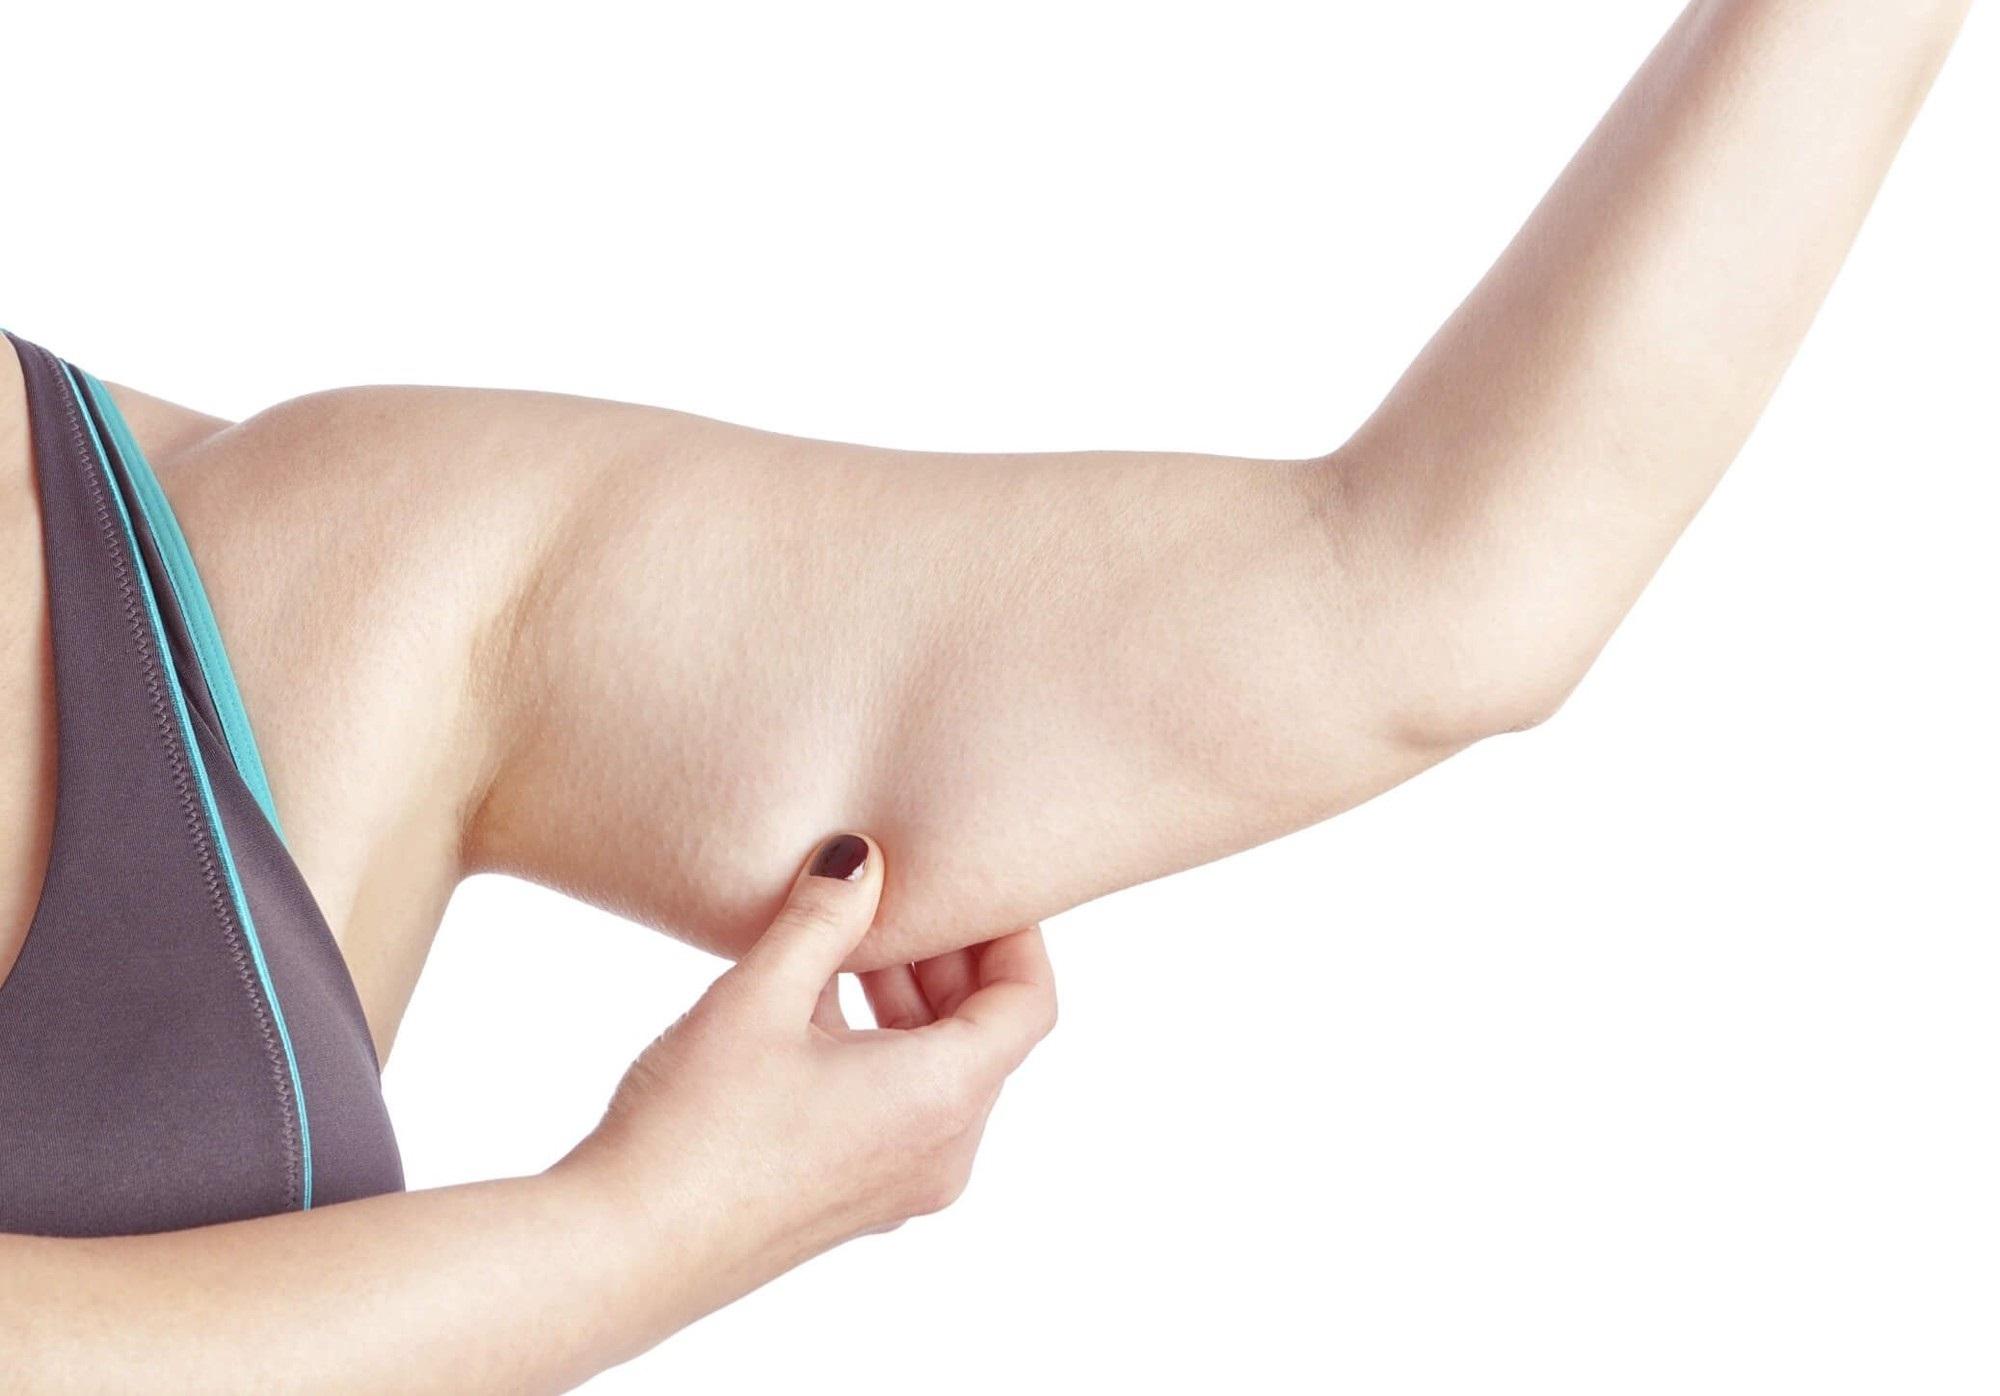 6 dấu hiệu cảnh báo sớm bệnh ung thư xương mà bạn không nên chủ quan bỏ qua - Ảnh 3